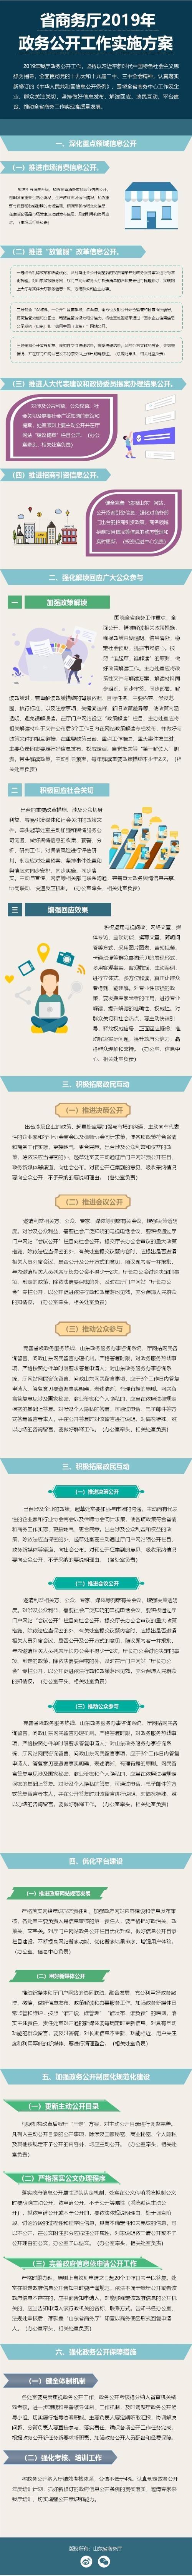 【图解】解读《省商务厅2019年政务公开实施方案》